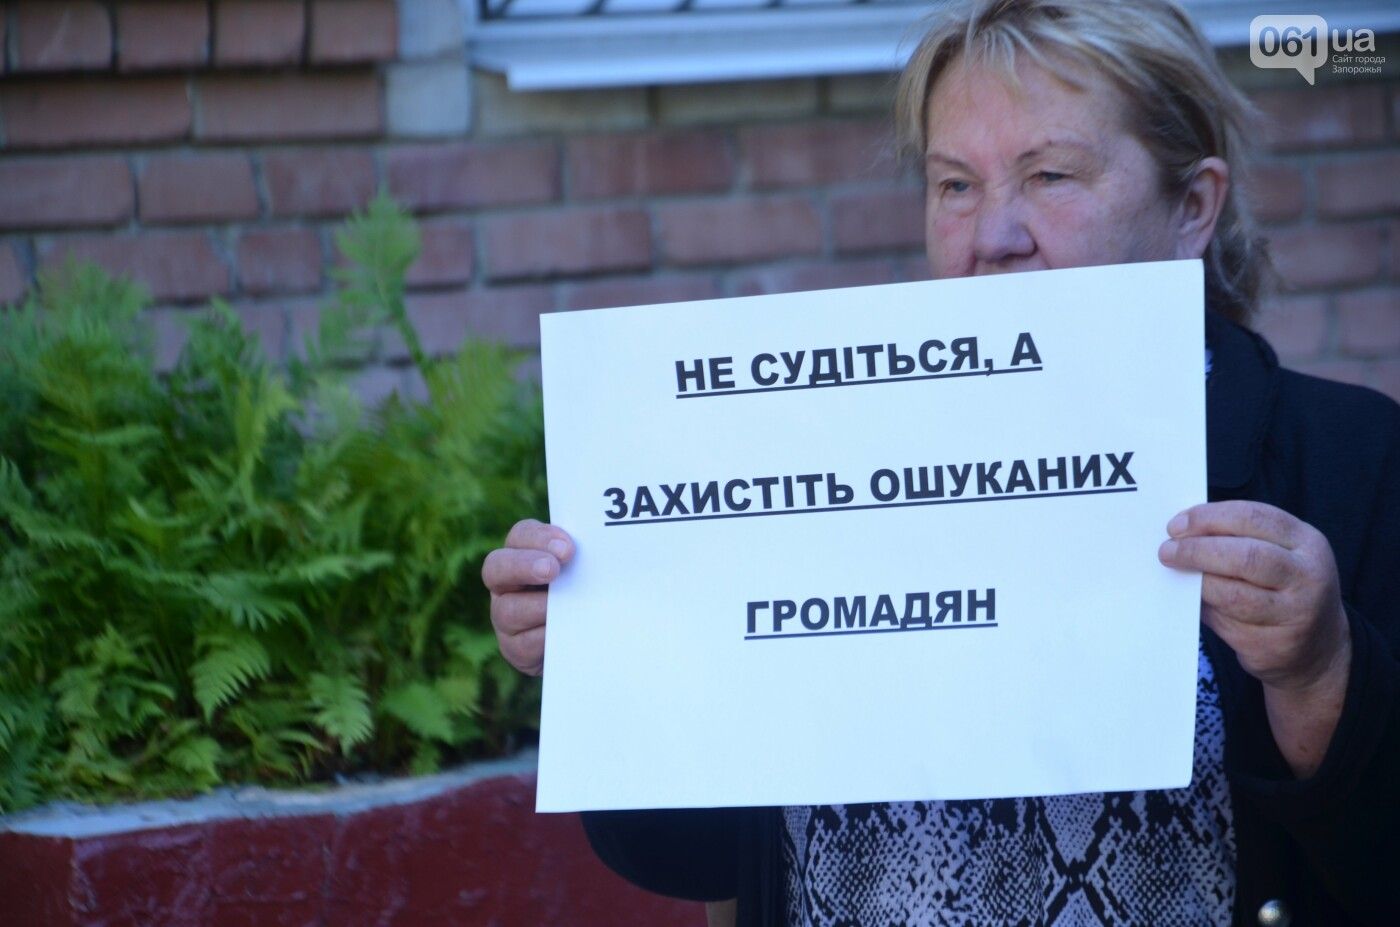 В Запорожье обманутые покупатели квартир выиграли суд у мэрии по делу о «недостроях Сабашука», фото-10